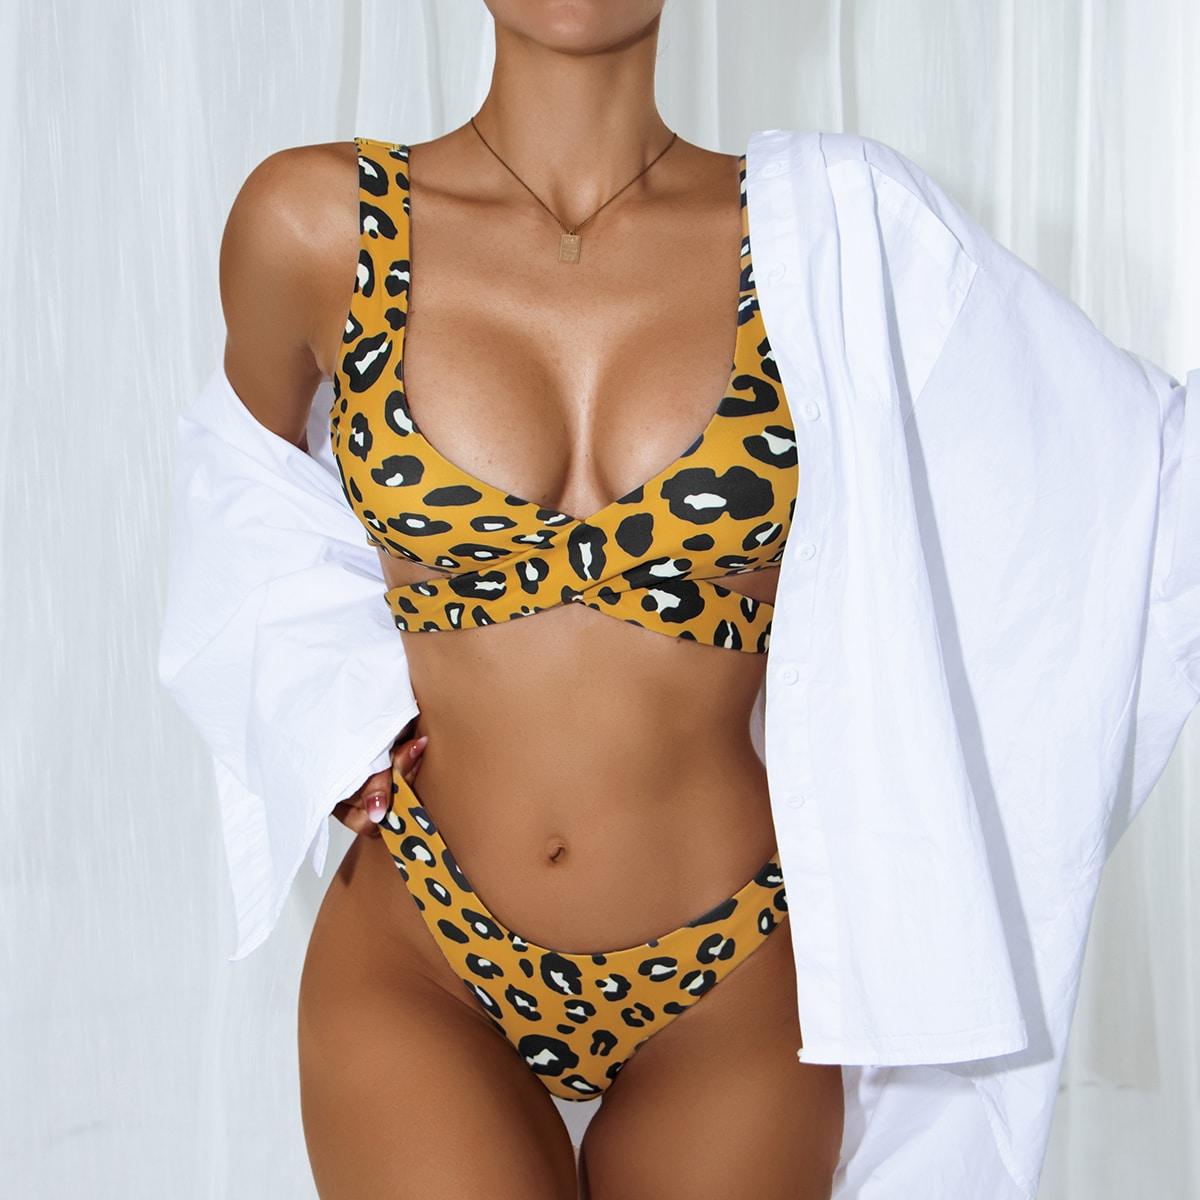 Leopard Wrap Decor Bikini Swimsuit, SHEIN  - buy with discount